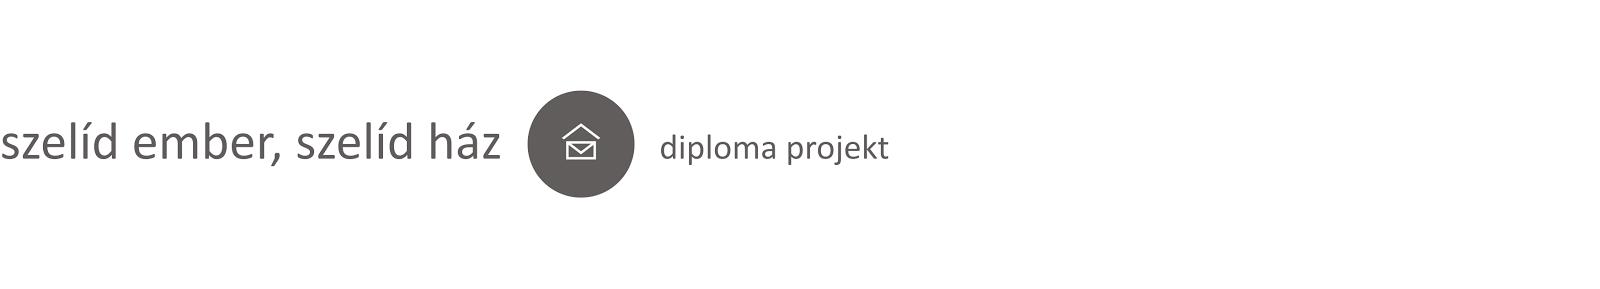 Szelíd ember, szelíd ház - diploma projekt